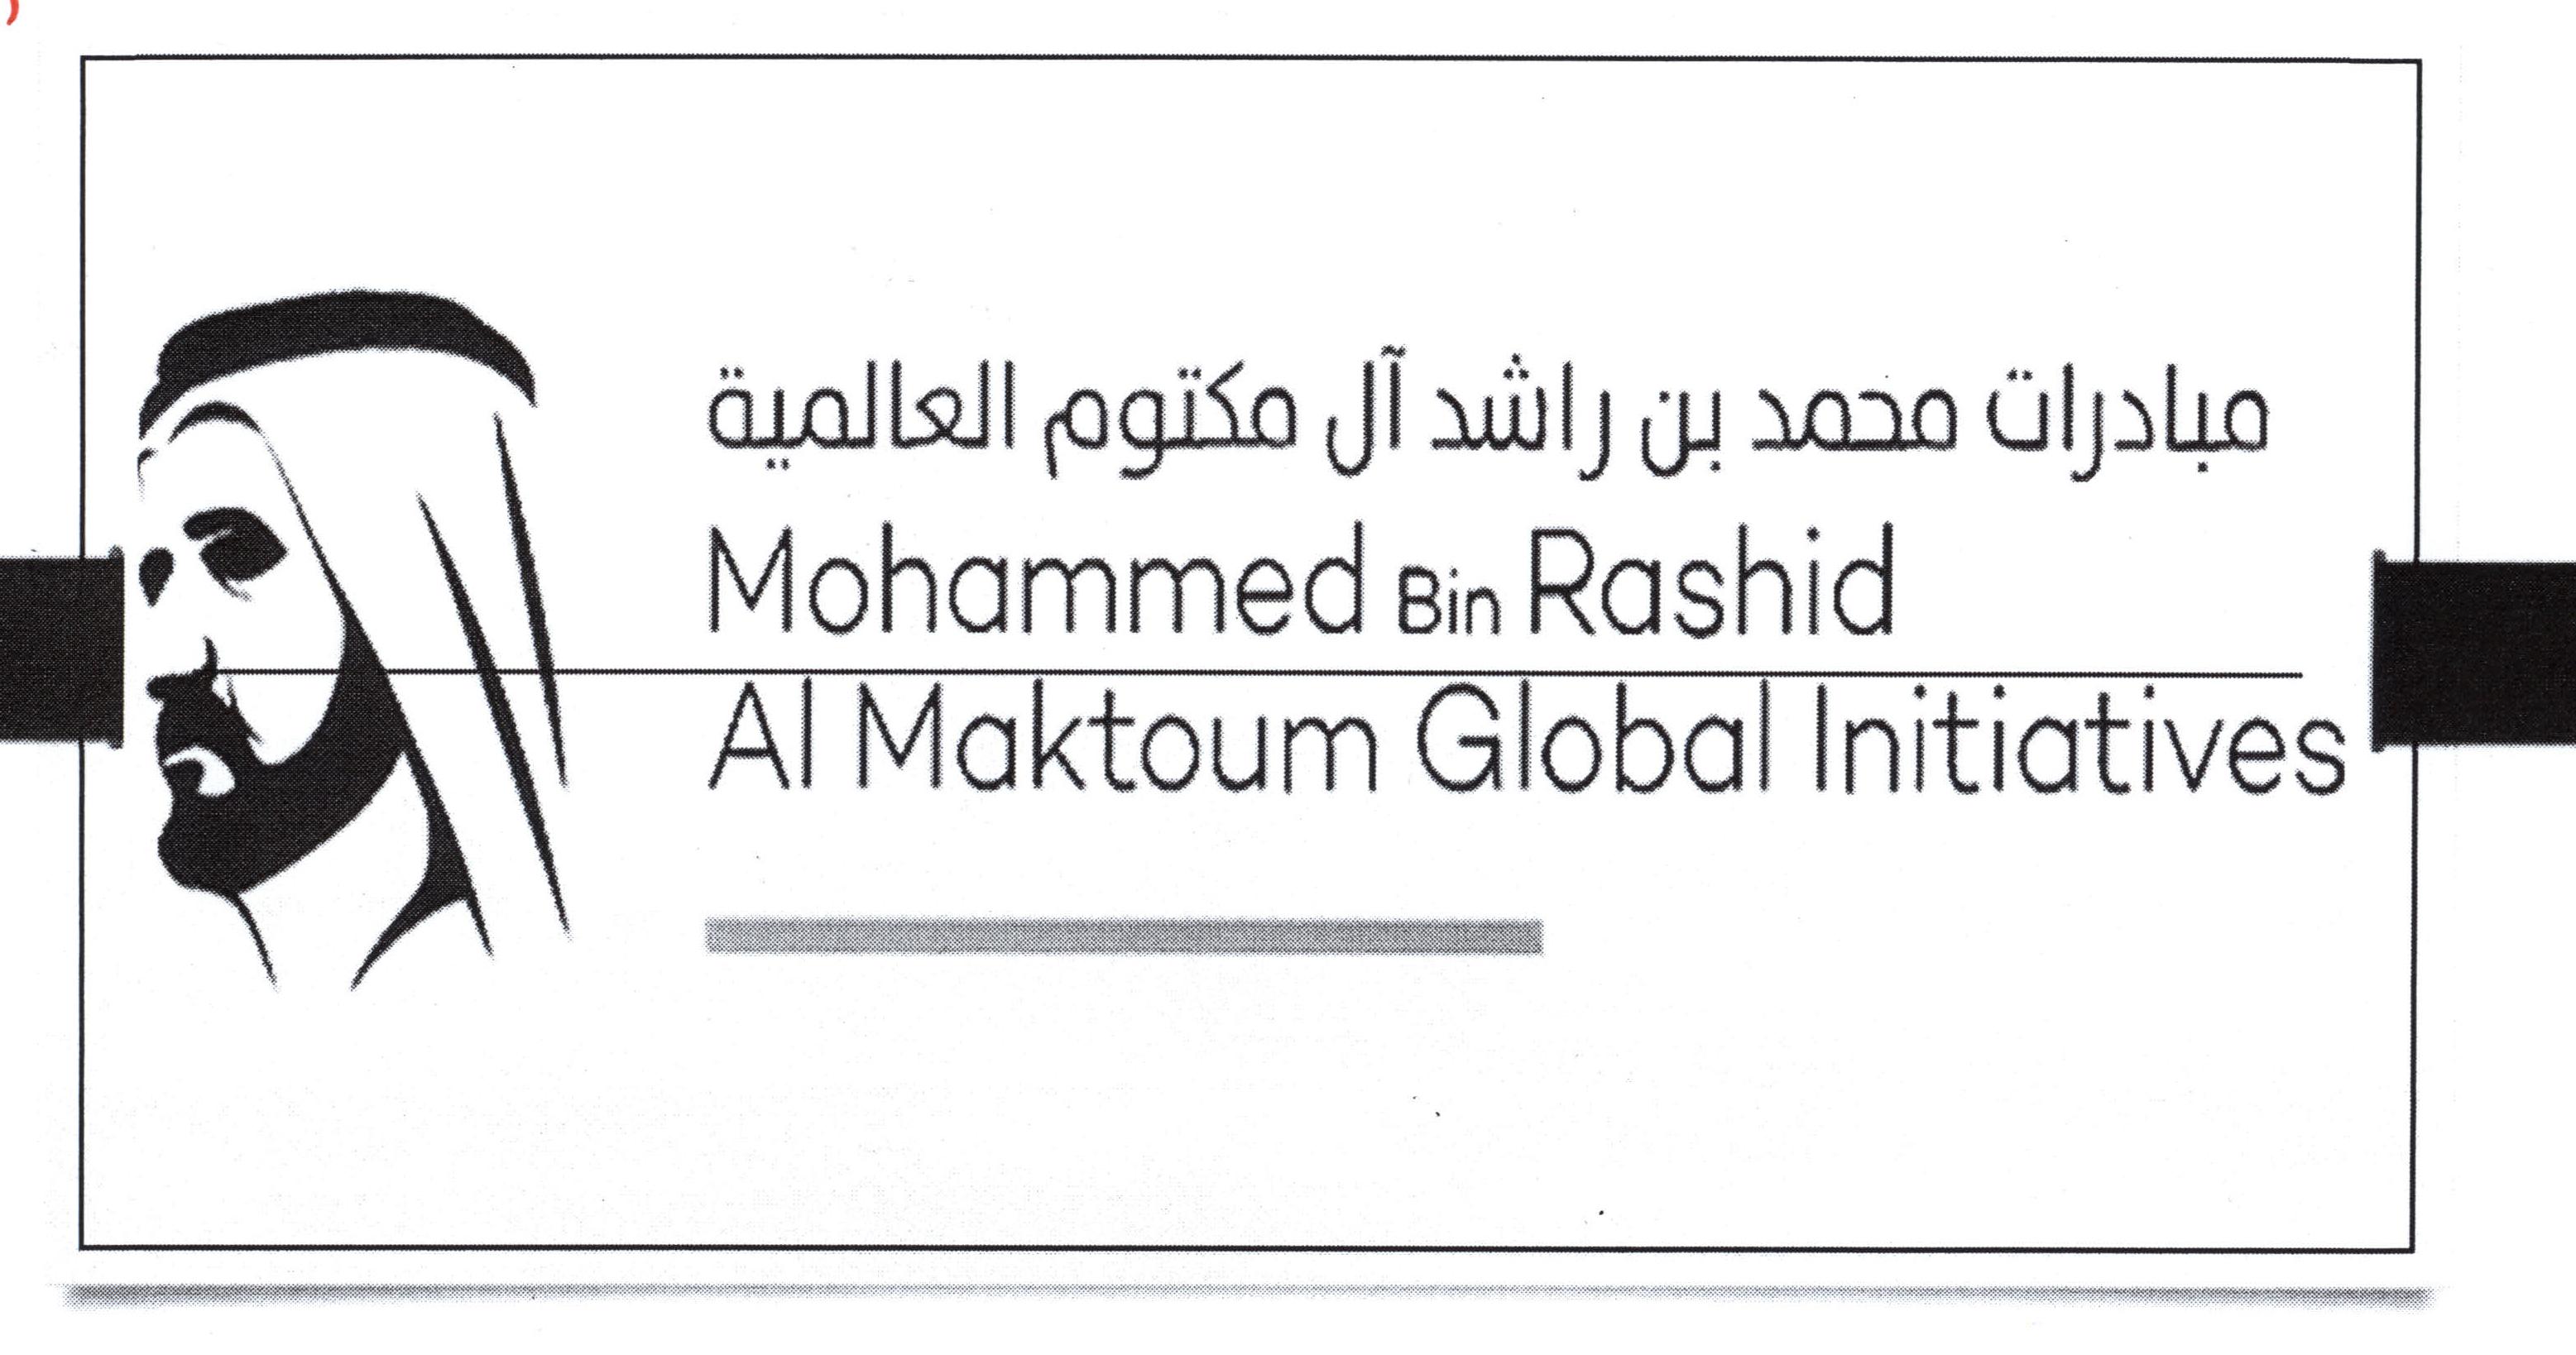 مبادرات محمد بن راشد آل مكتوم العالمية